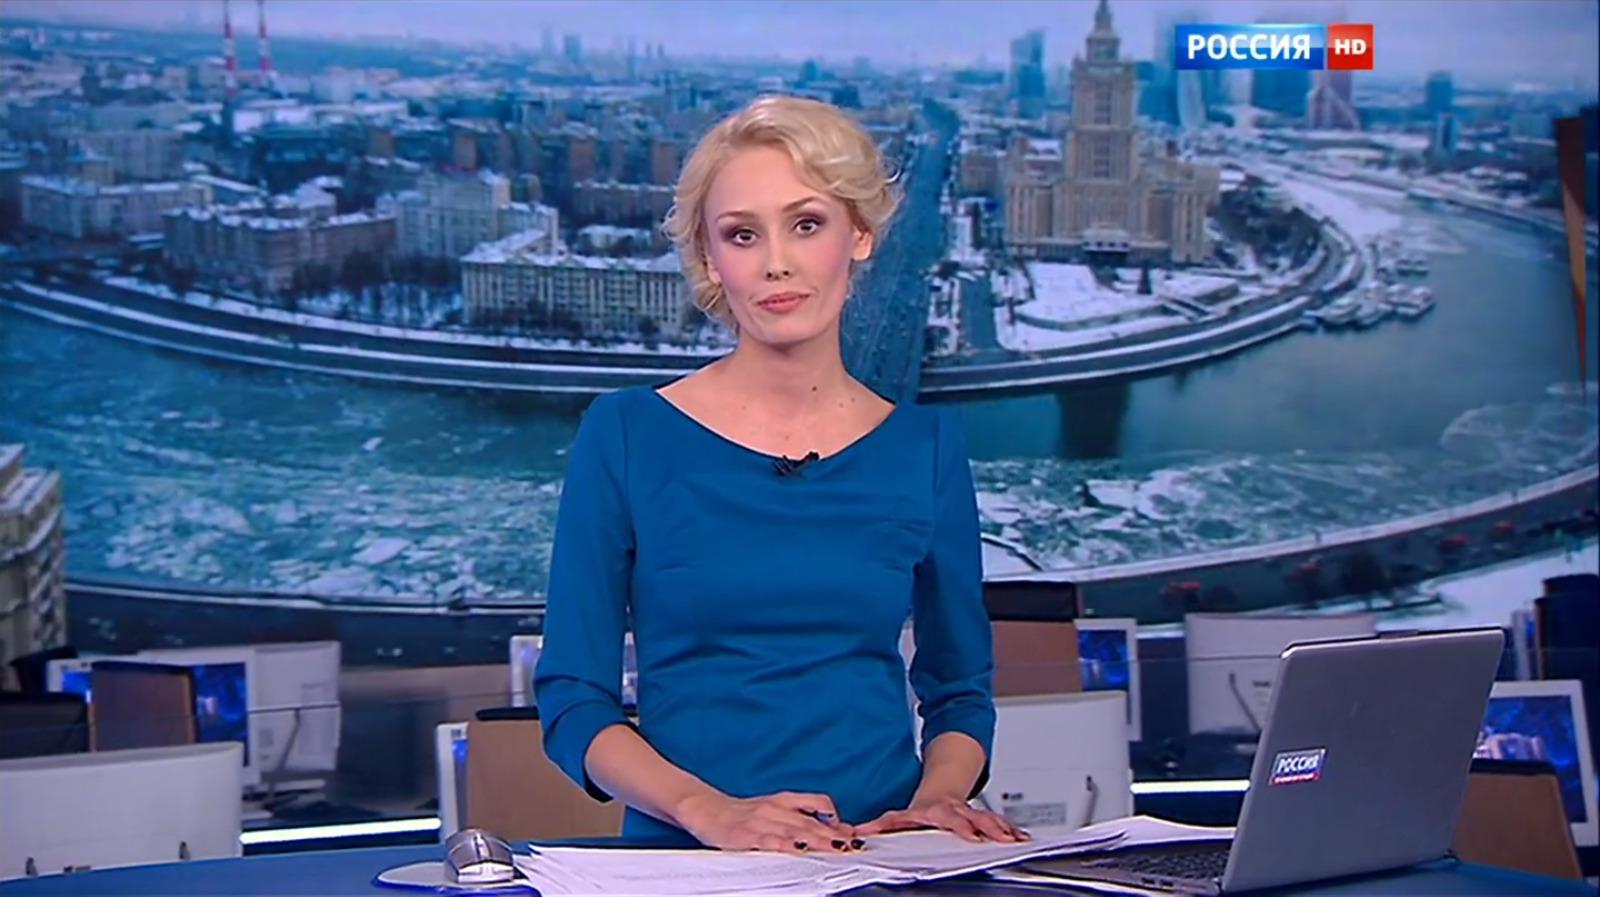 foto-televedushih-rossiyskih-kanalov-utonula-v-sperme-porno-video-onlayn